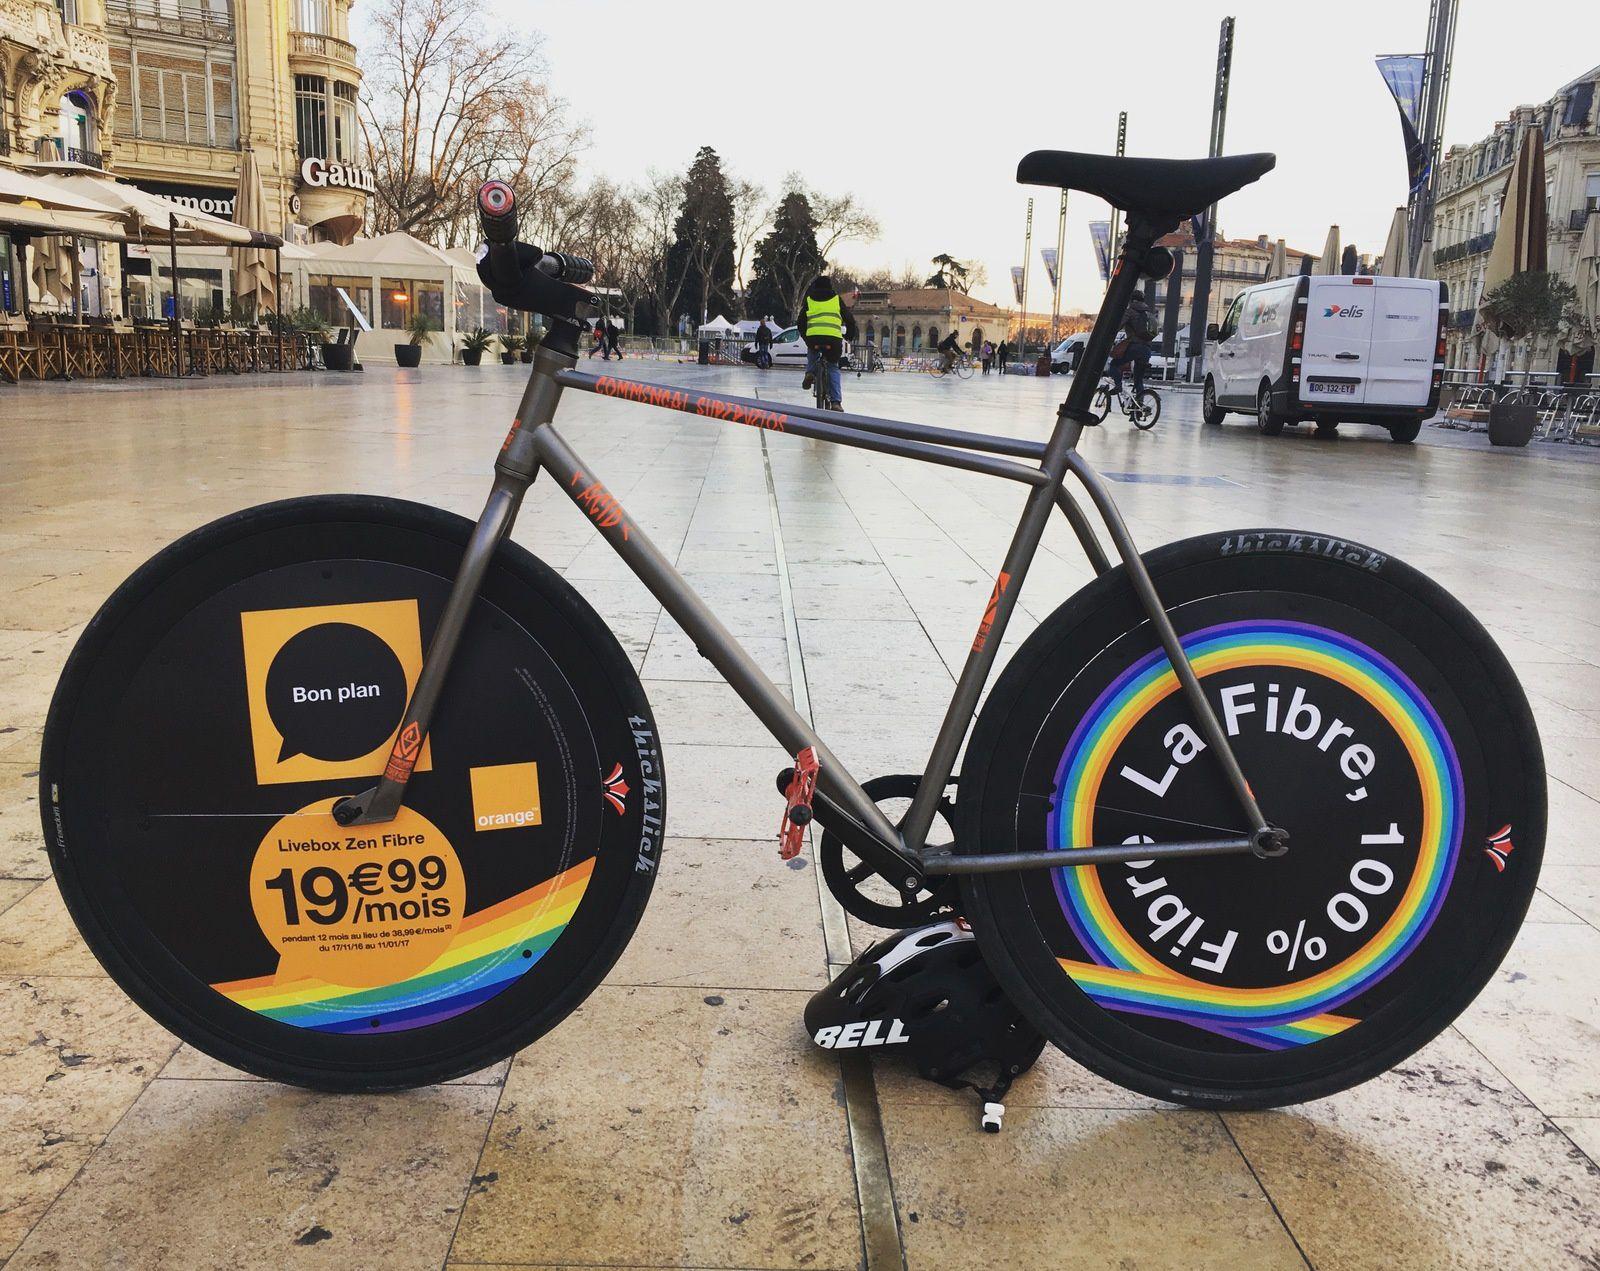 Ecovelo - publicité centre-ville - publicité  originale - régie publicitairespécialisée vélo - sponsoring de cyclistes - agence média outdoor - communication green - vélo de courtoisie garagiste